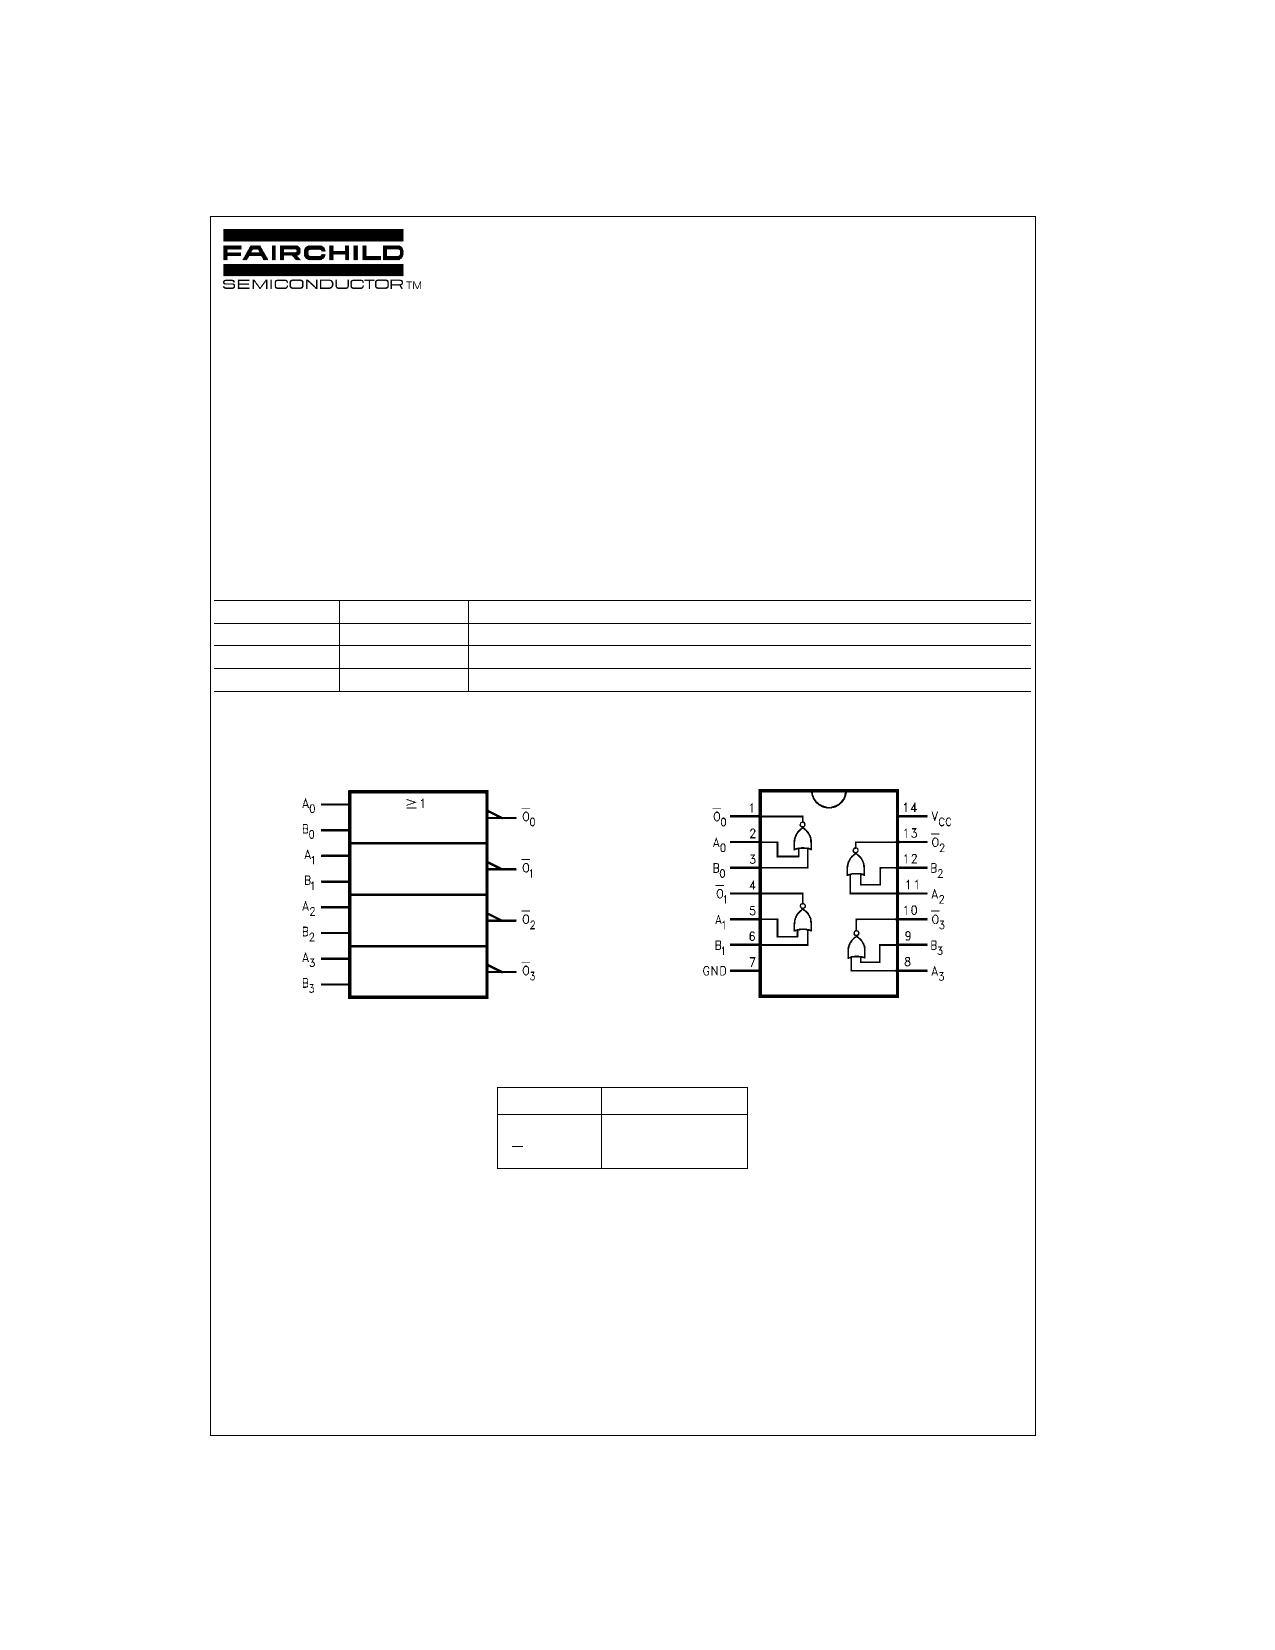 74LVX02SJ دیتاشیت PDF